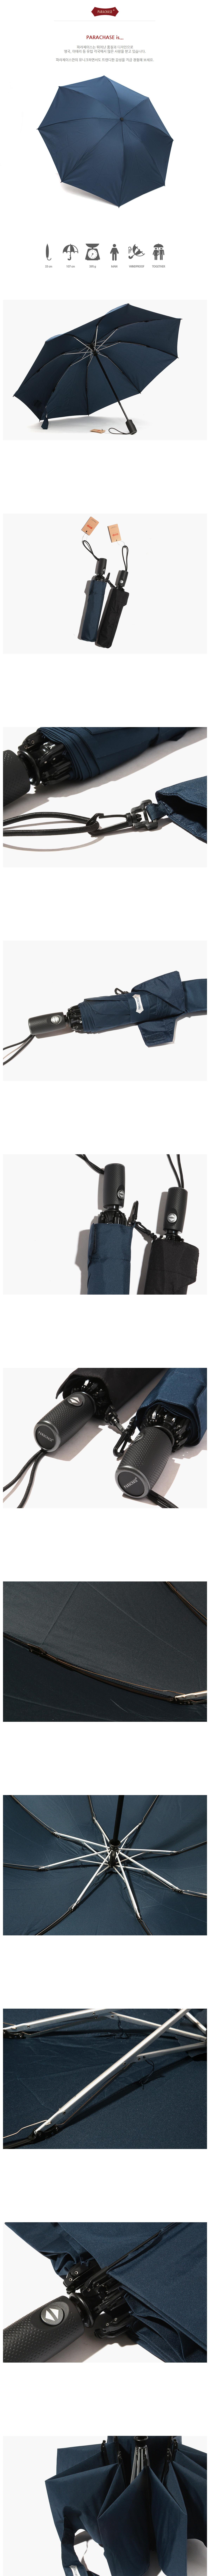 파라체이스(PARACHASE) 3240 리버스 개폐 자동 3단 우산